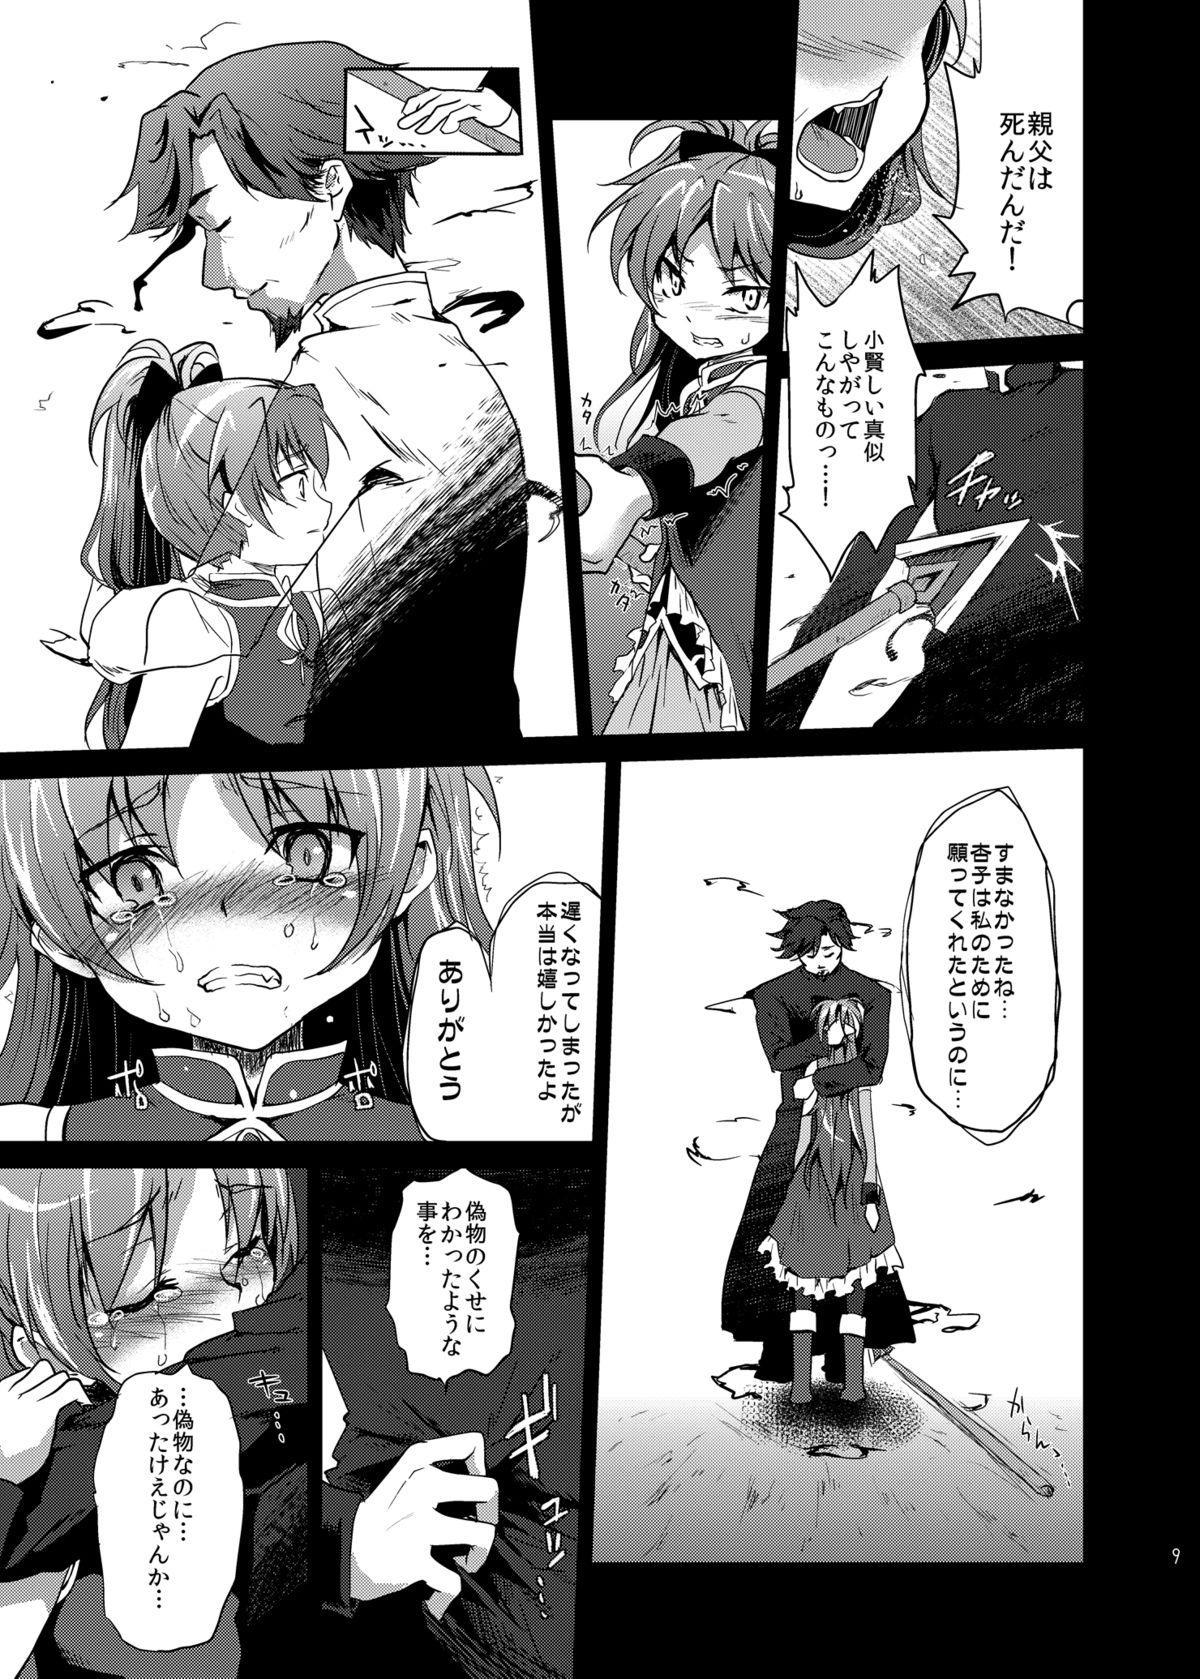 Mahou Shoujo Zetsubou Kansatsu Kiroku 7